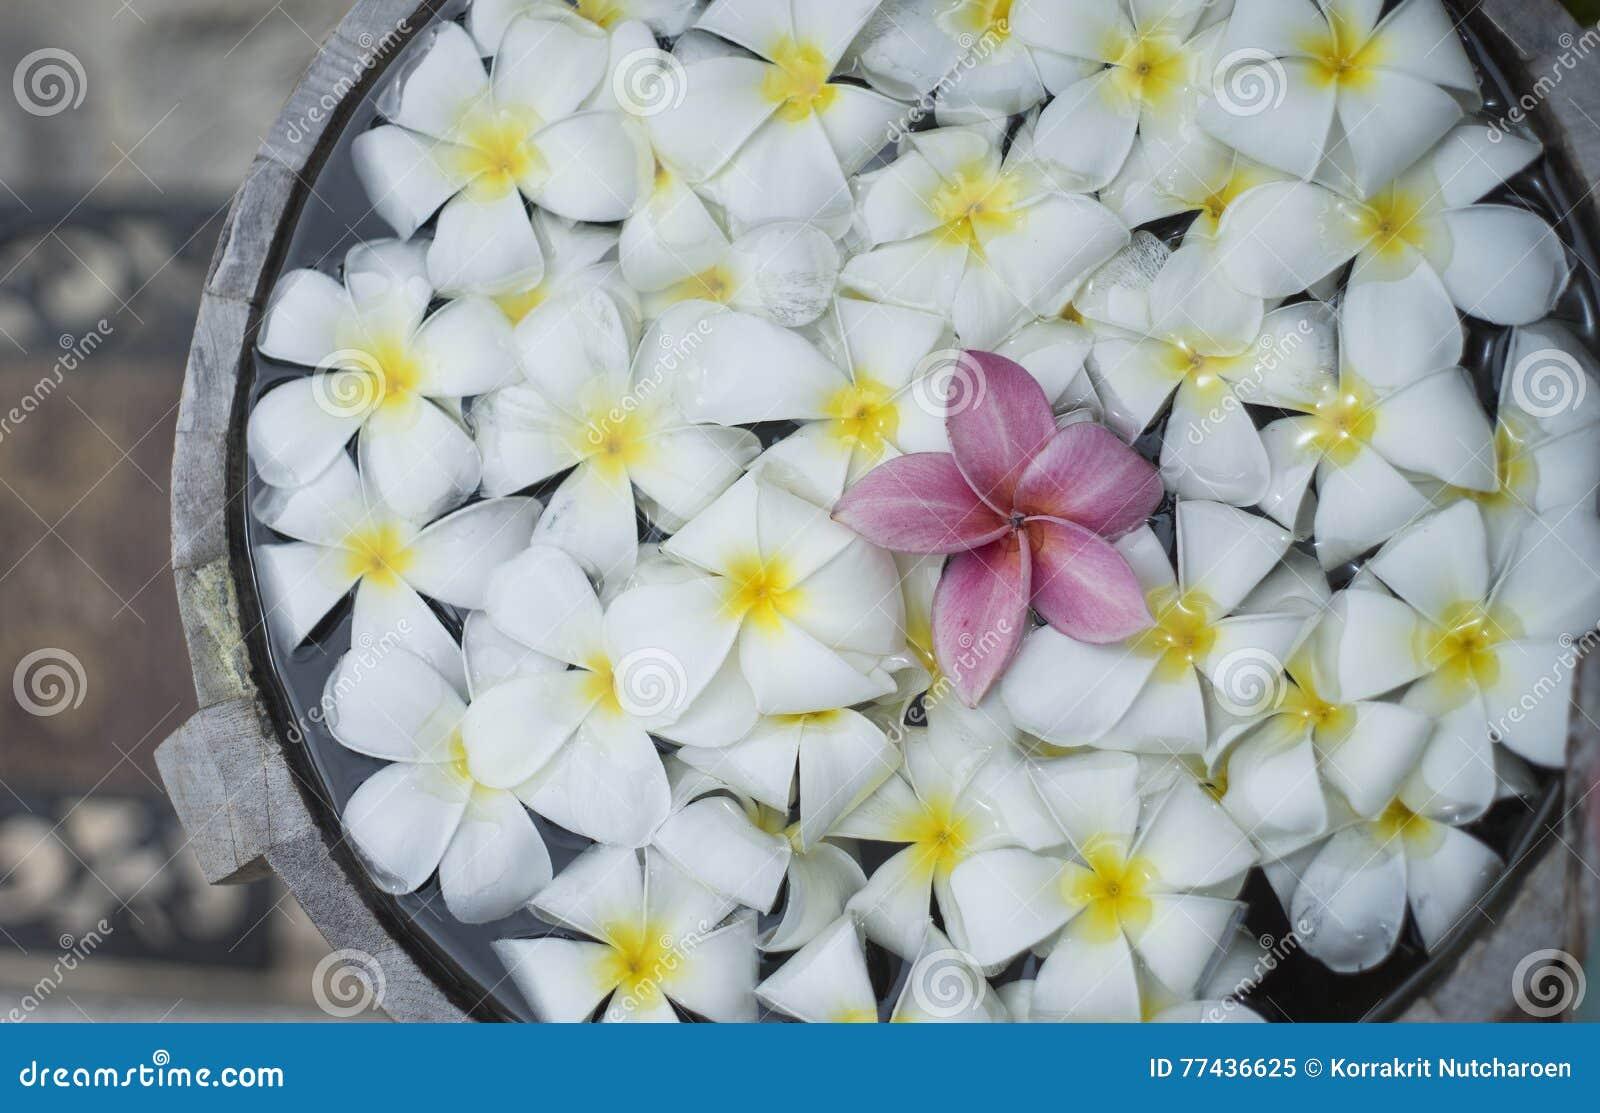 Κλείστε επάνω του ρόδινου λουλουδιού plumeria franjipani που επιπλέει μεταξύ του άσπρου λουλουδιού στο νερό στην ξύλινη λεκάνη στ